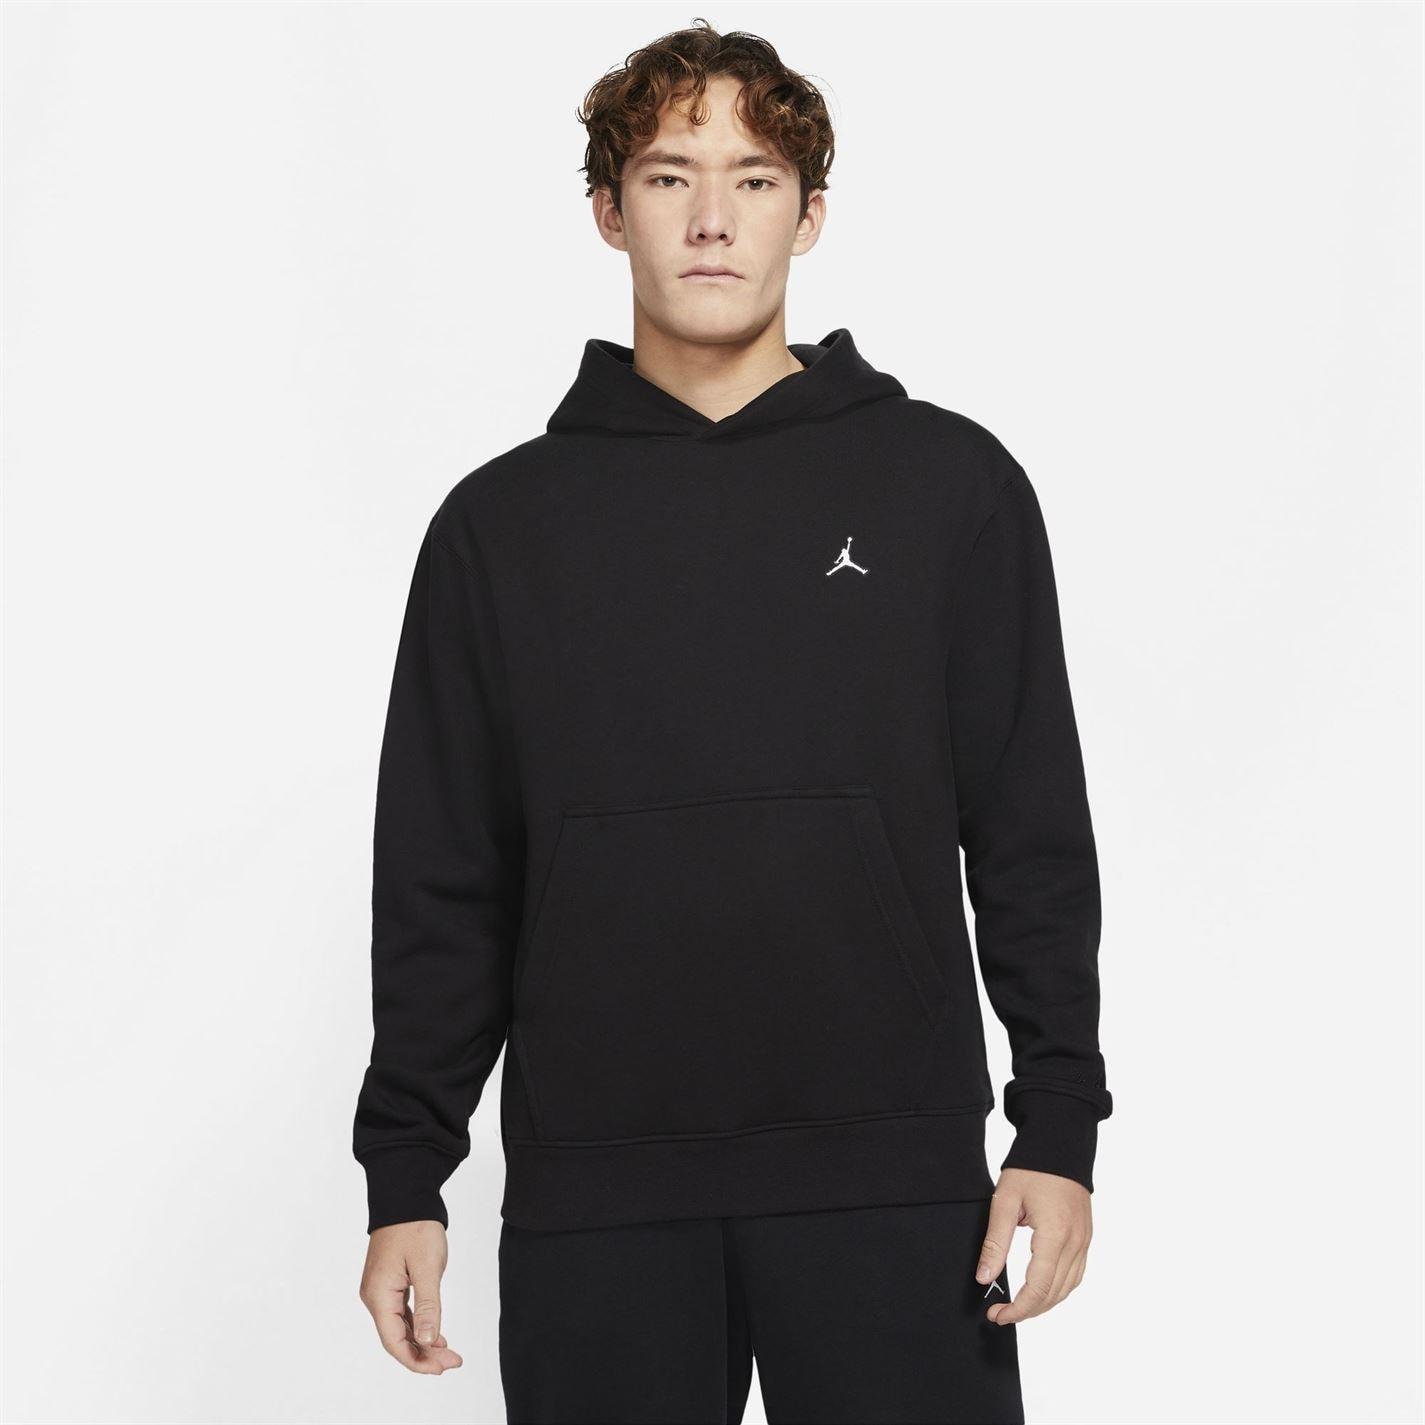 Bluze Pulovere Hanorac Air Jordan Essentials pentru Barbati negru